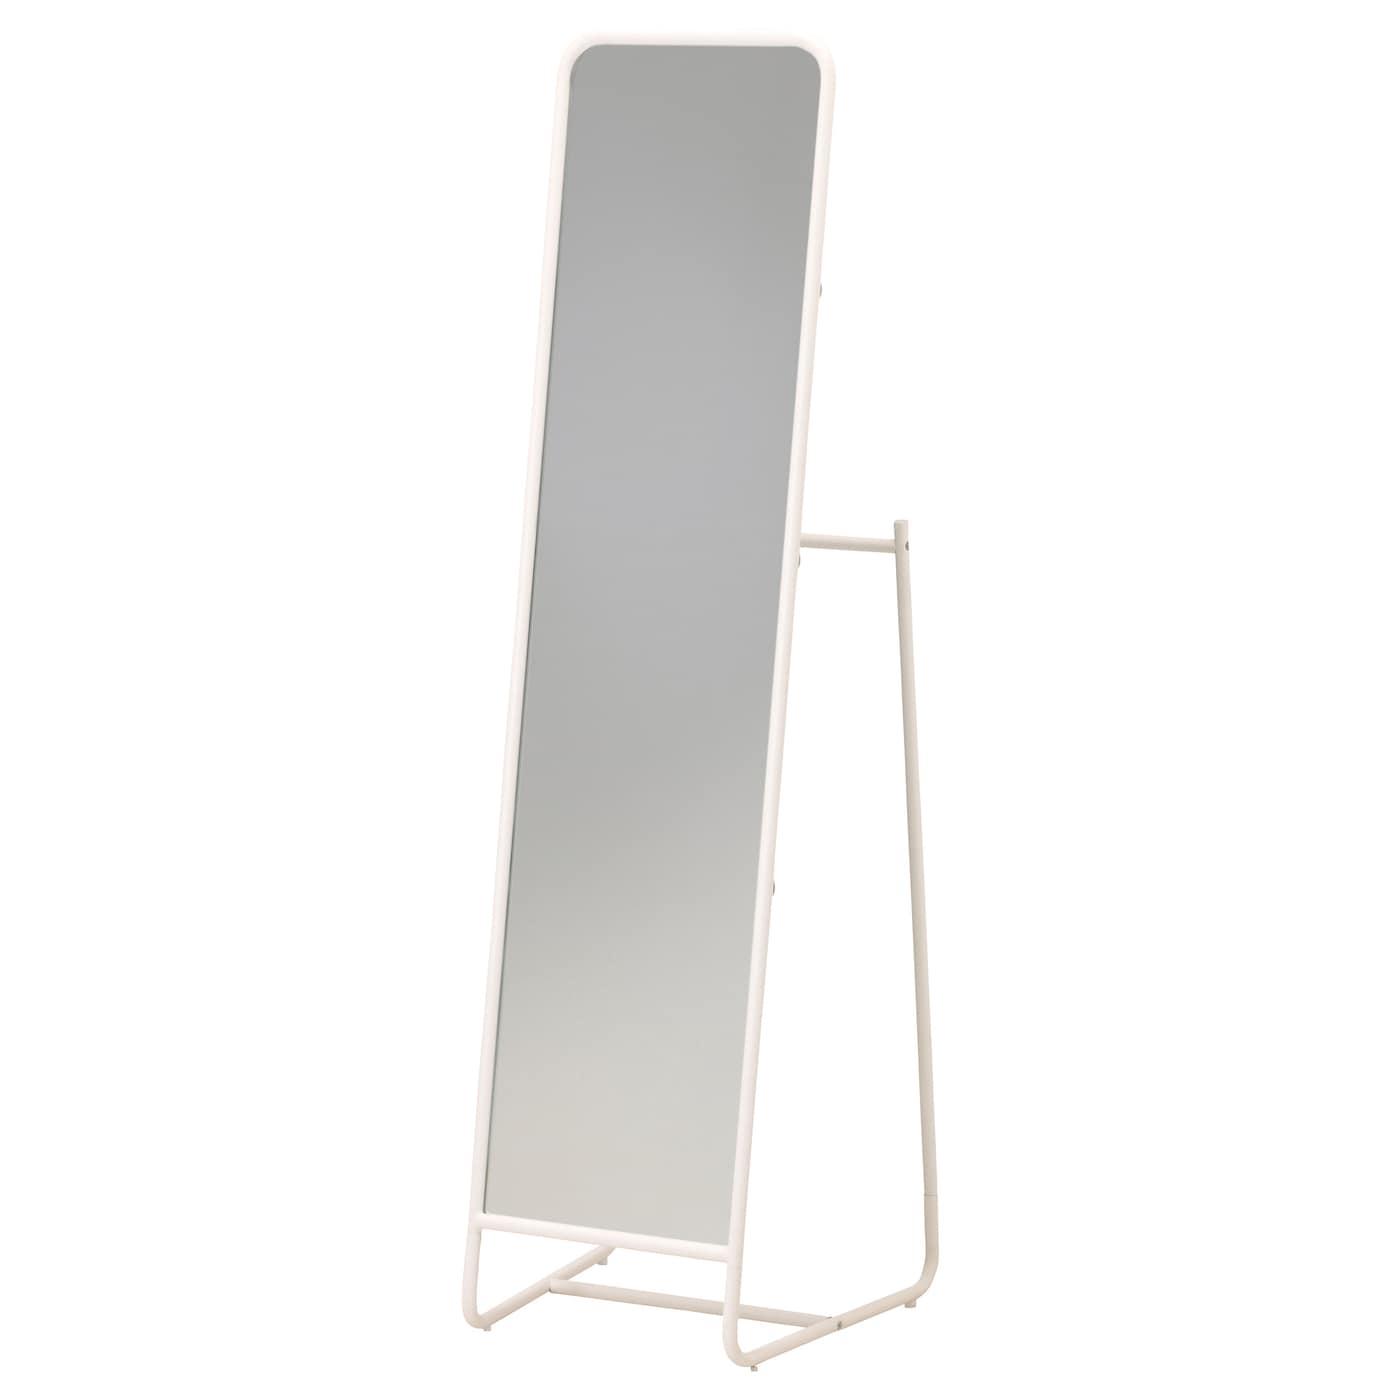 Ikea Staande Kapstok Knapper Staande Spiegel Wit X Cm Ikea With